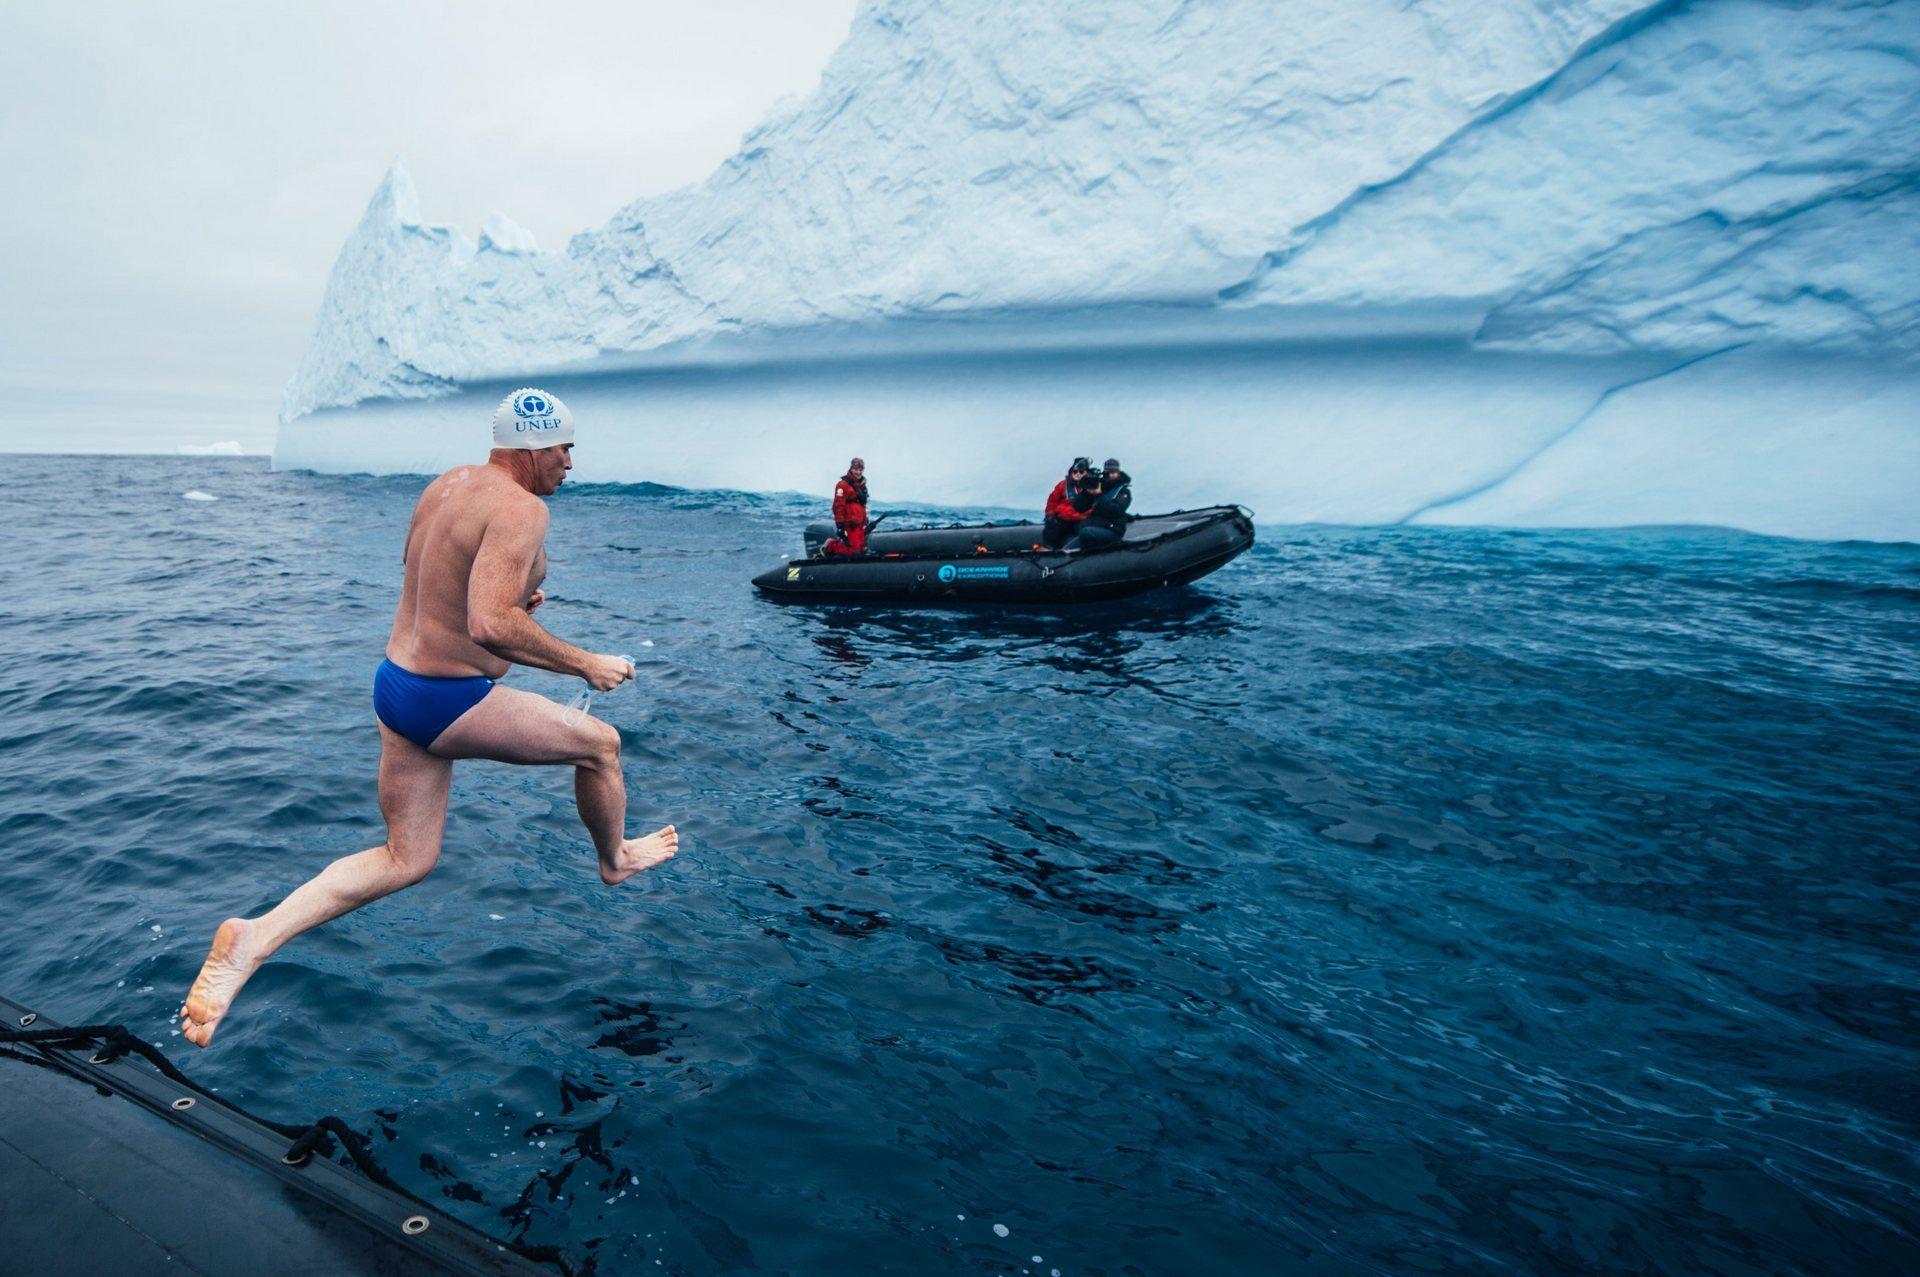 Пловец в экстремально низких температурах – Льюис Гордон Пью